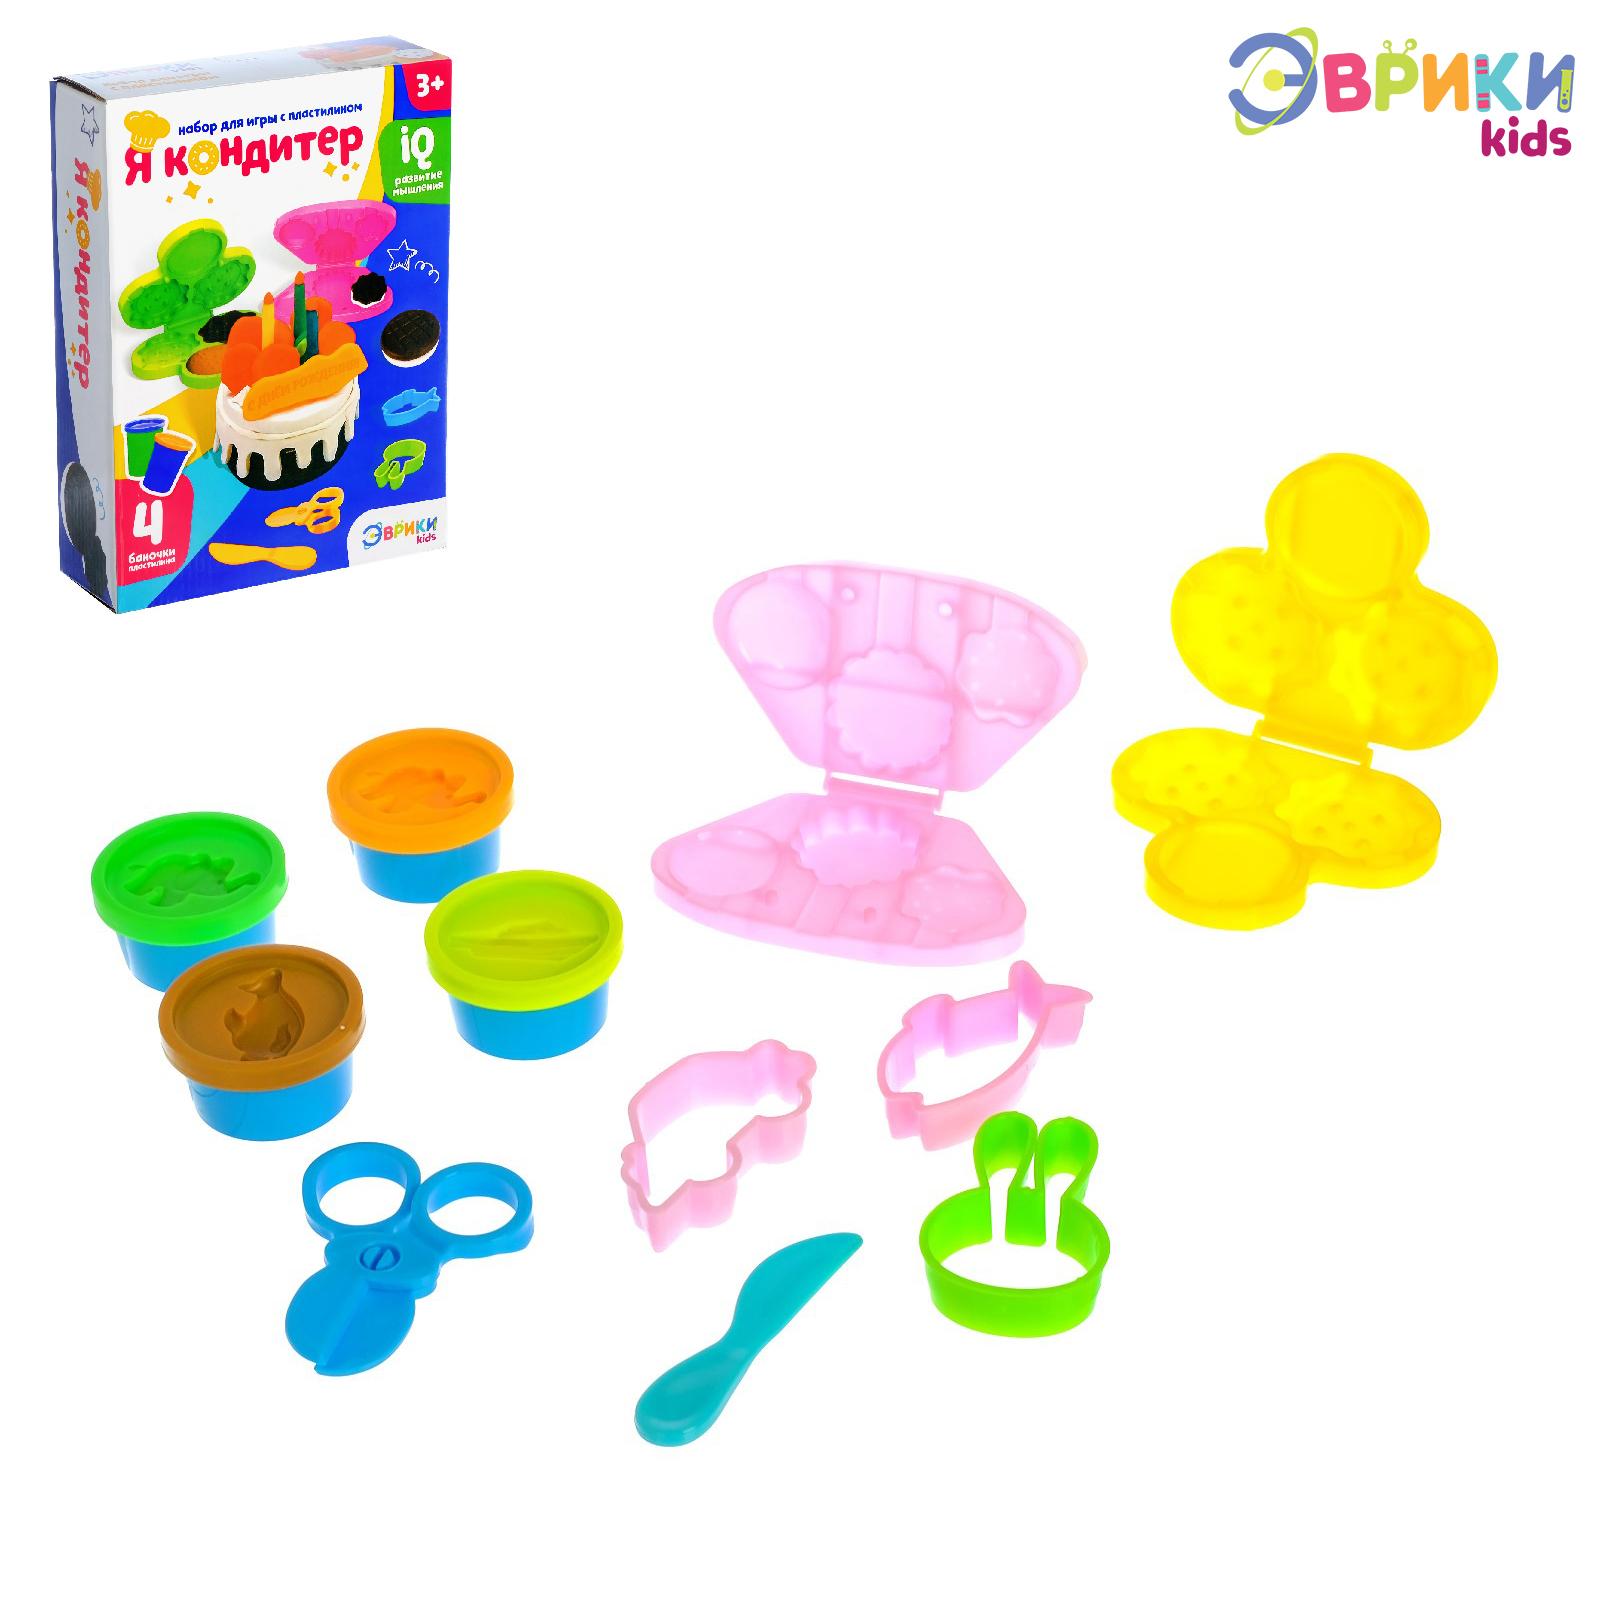 Набор для игры с пластилином «Я кондитер»